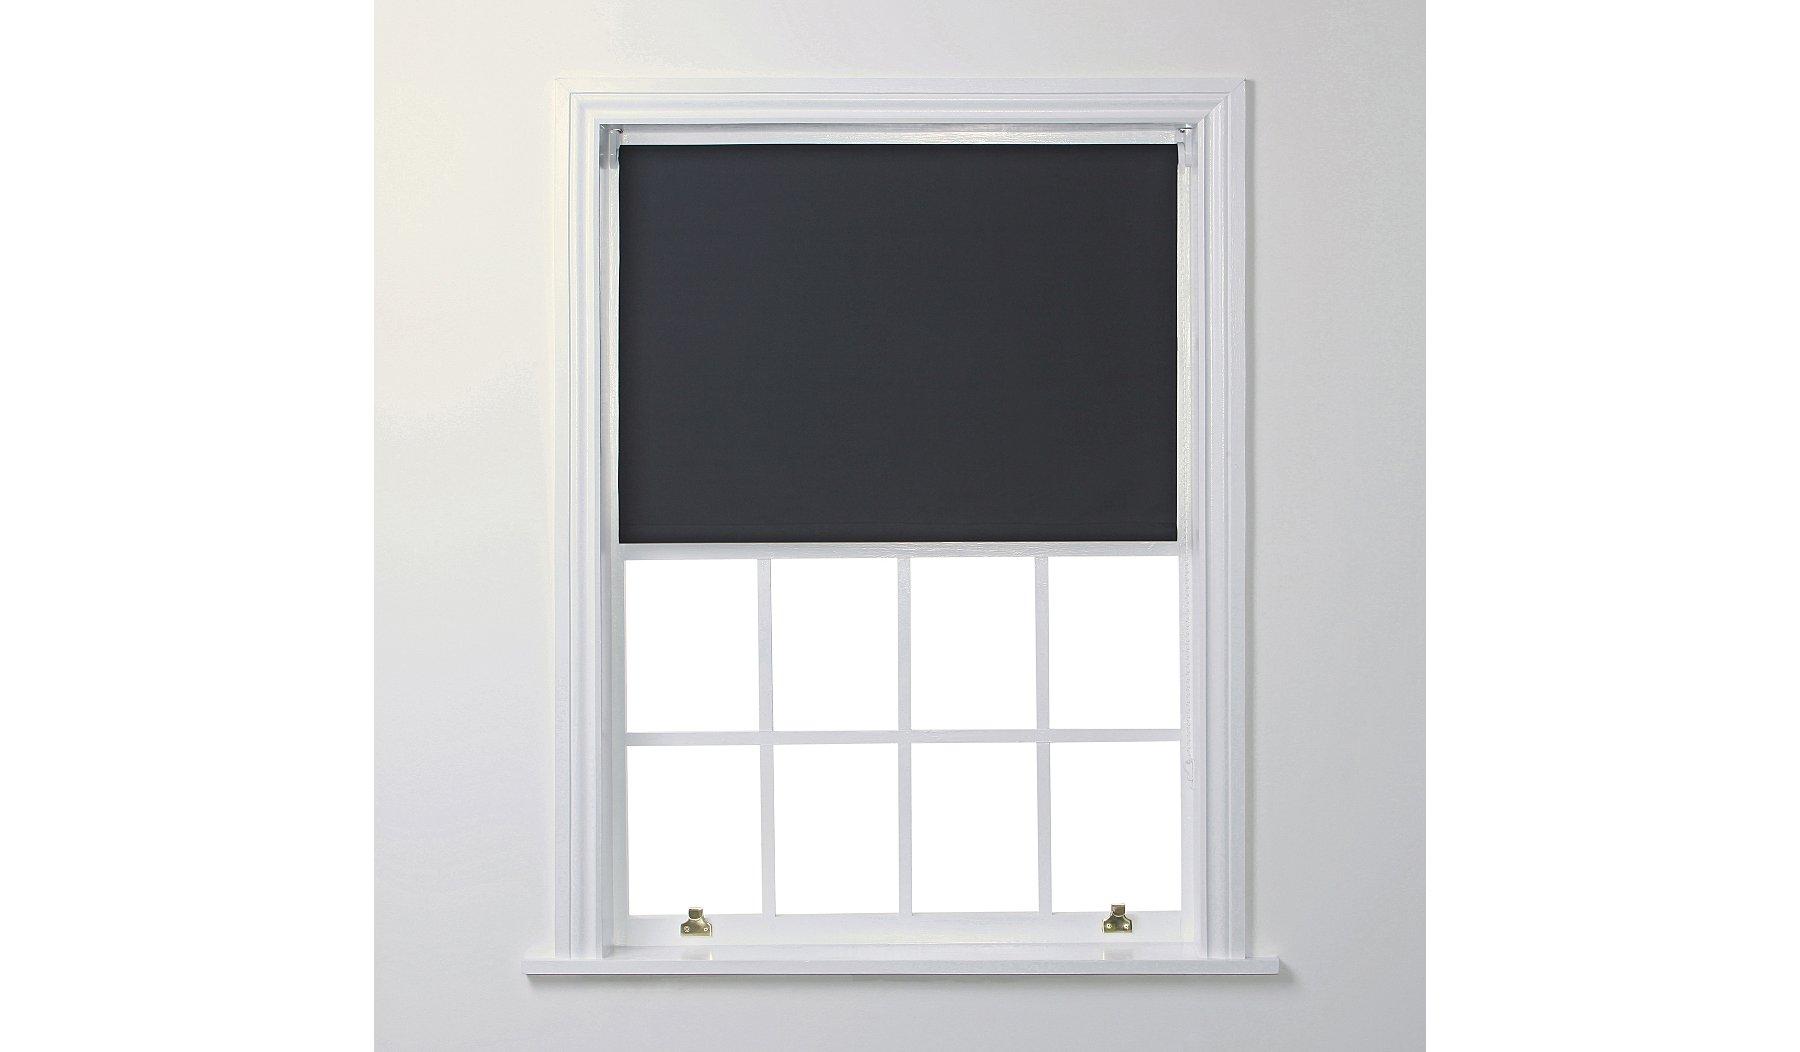 Blackout Roller Blind - Black | Home & Garden | George